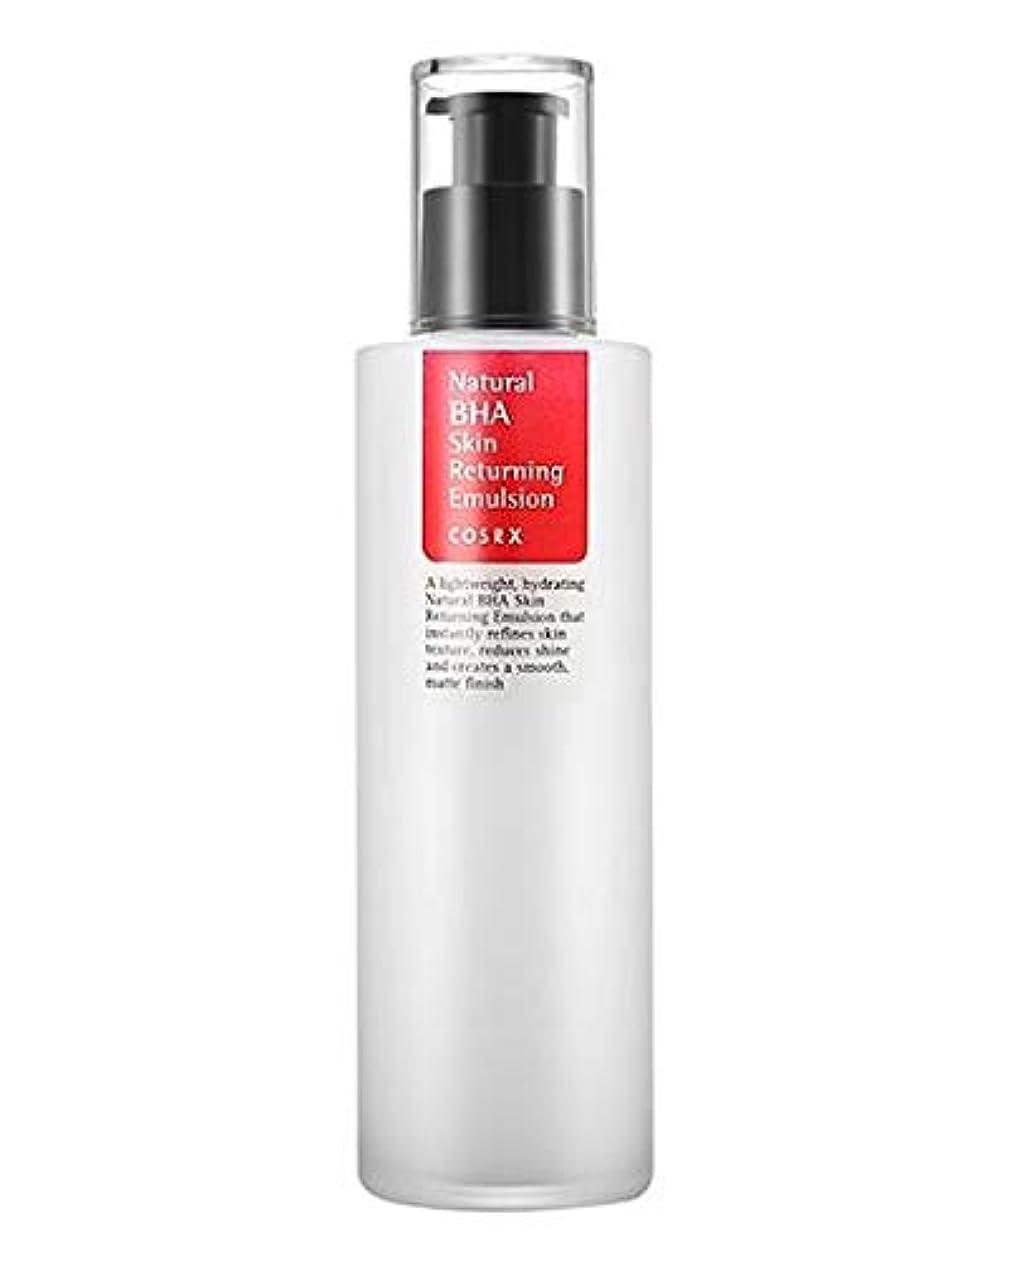 四分円正しい問い合わせるCOSRX Natural BHA Skin Returning Emulsion (並行輸入品)